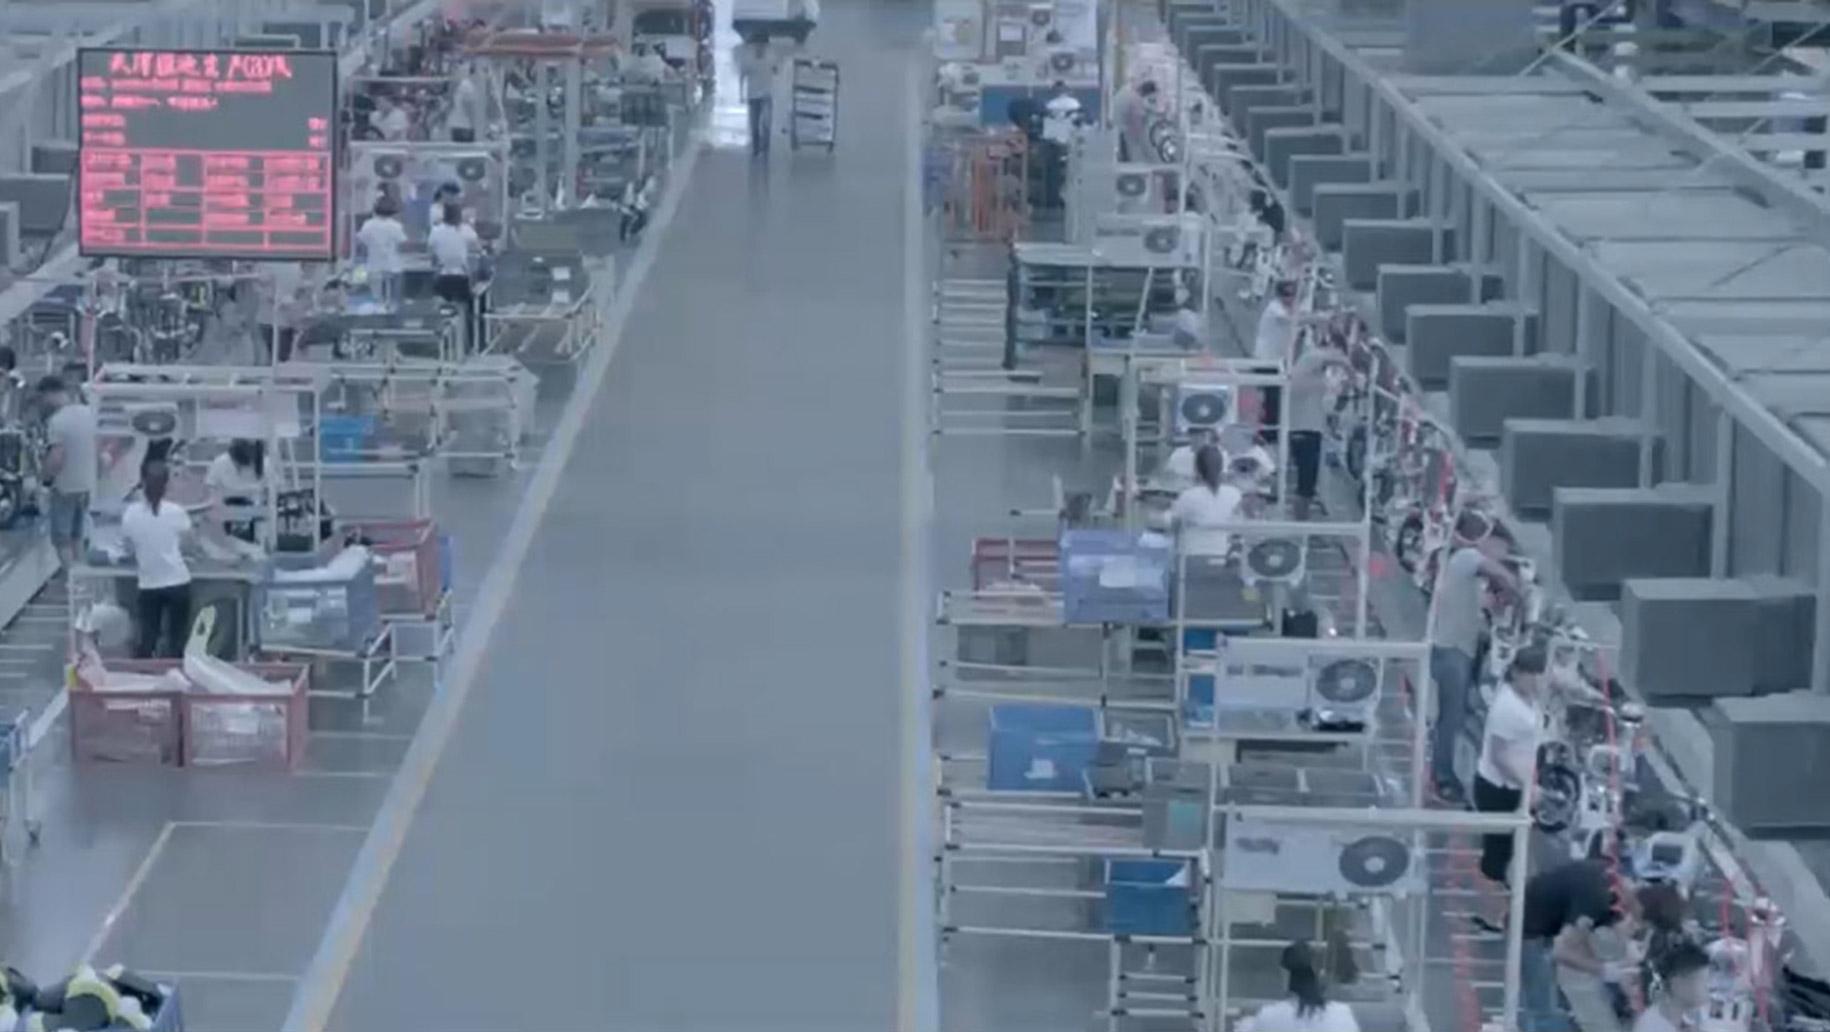 Produktionsbetrieb in China mit vielen Arbeitsstationen.